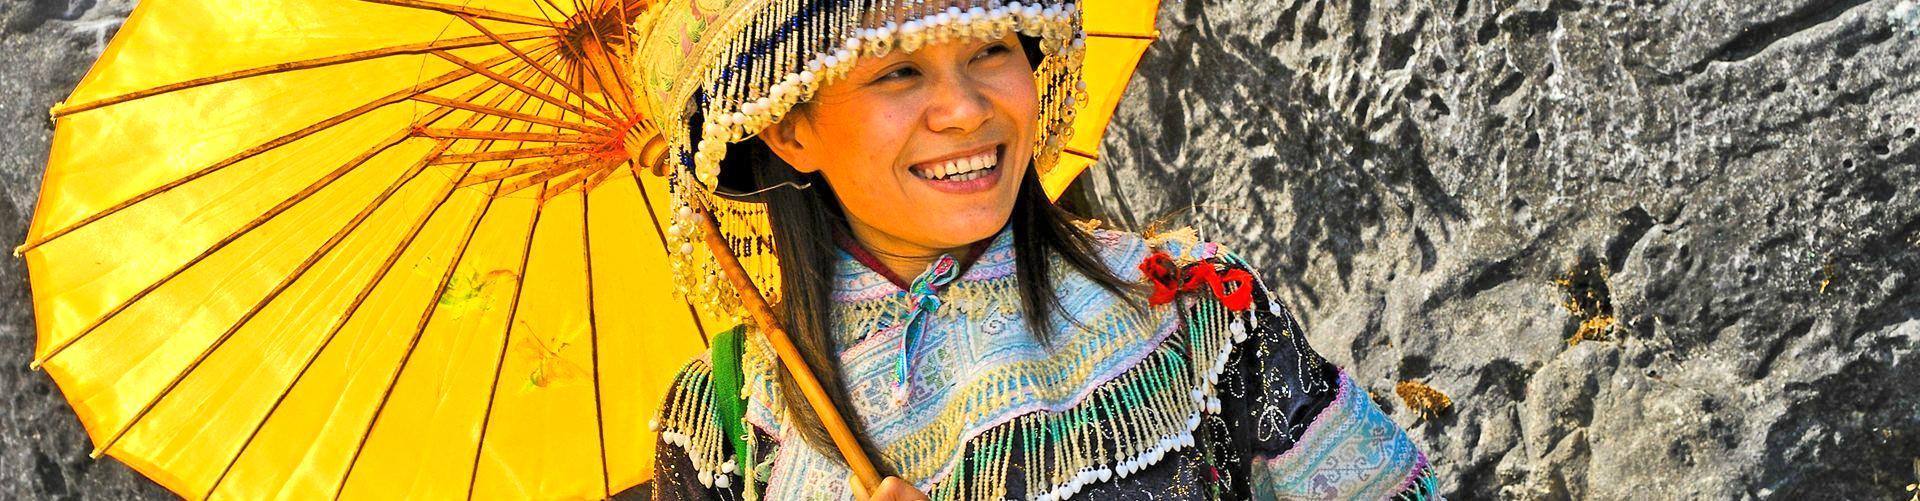 Gebeco Reise Vietnam